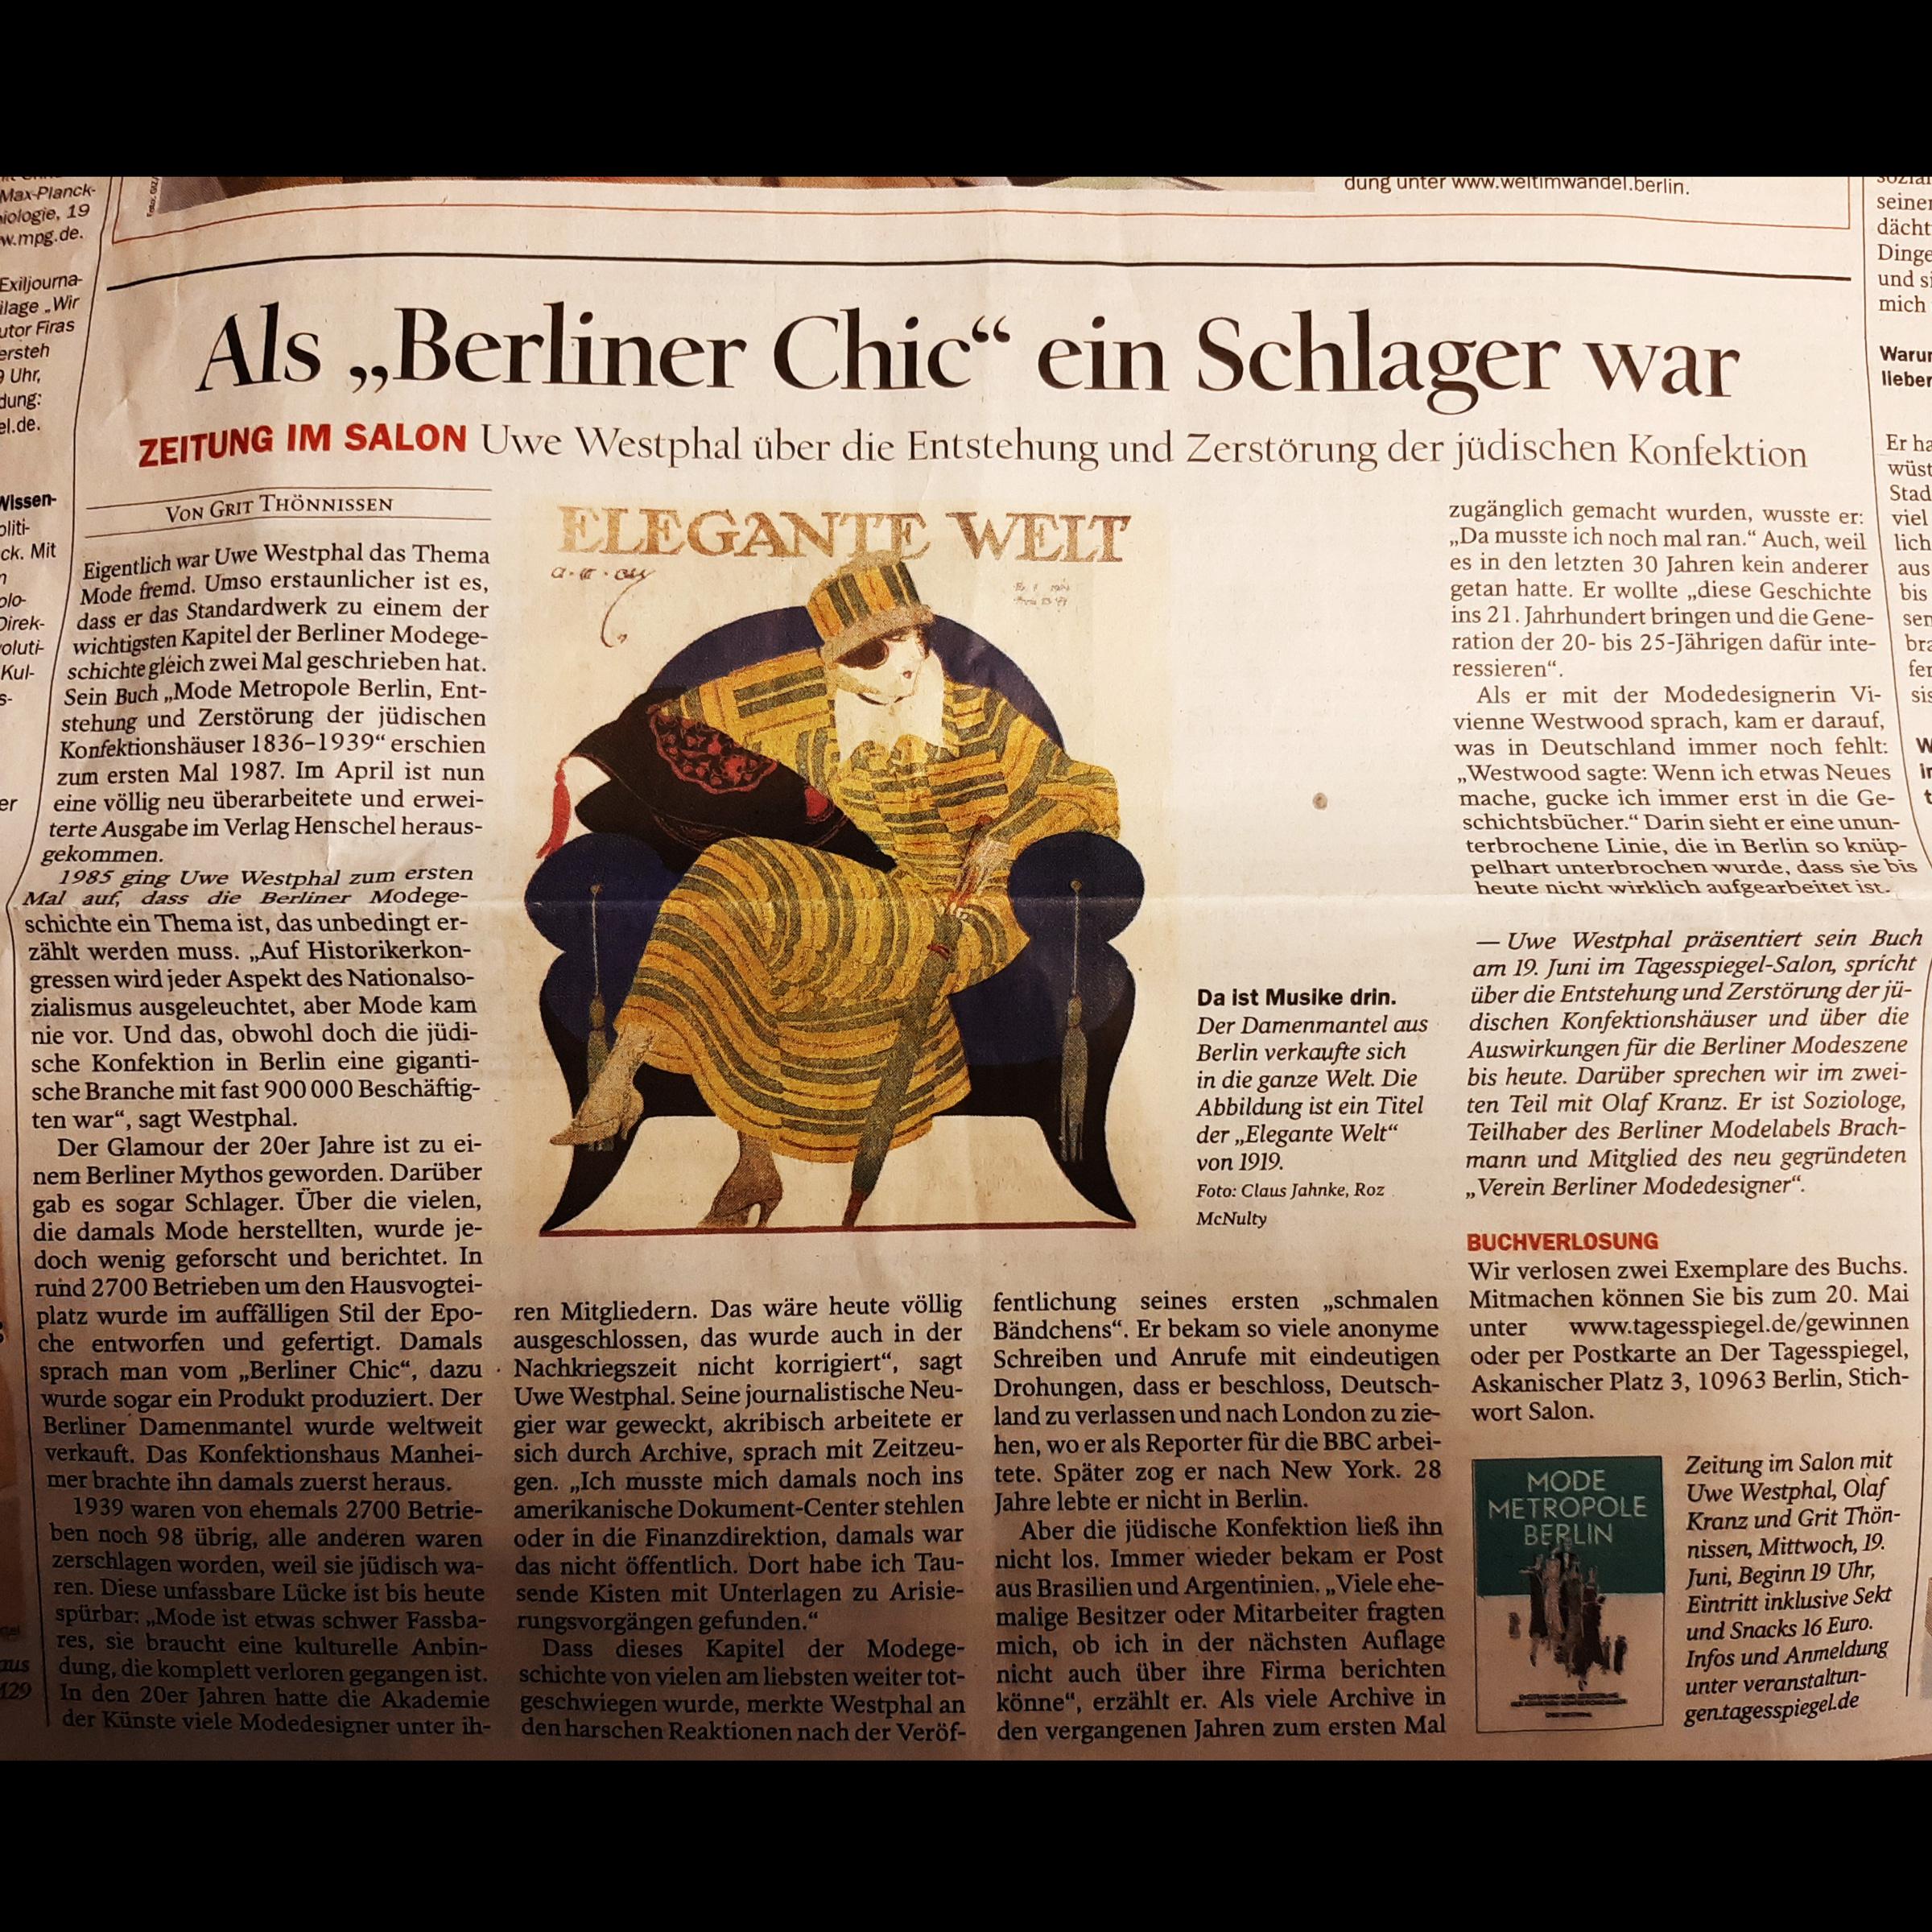 https://www.berlinertageszeitung.de/